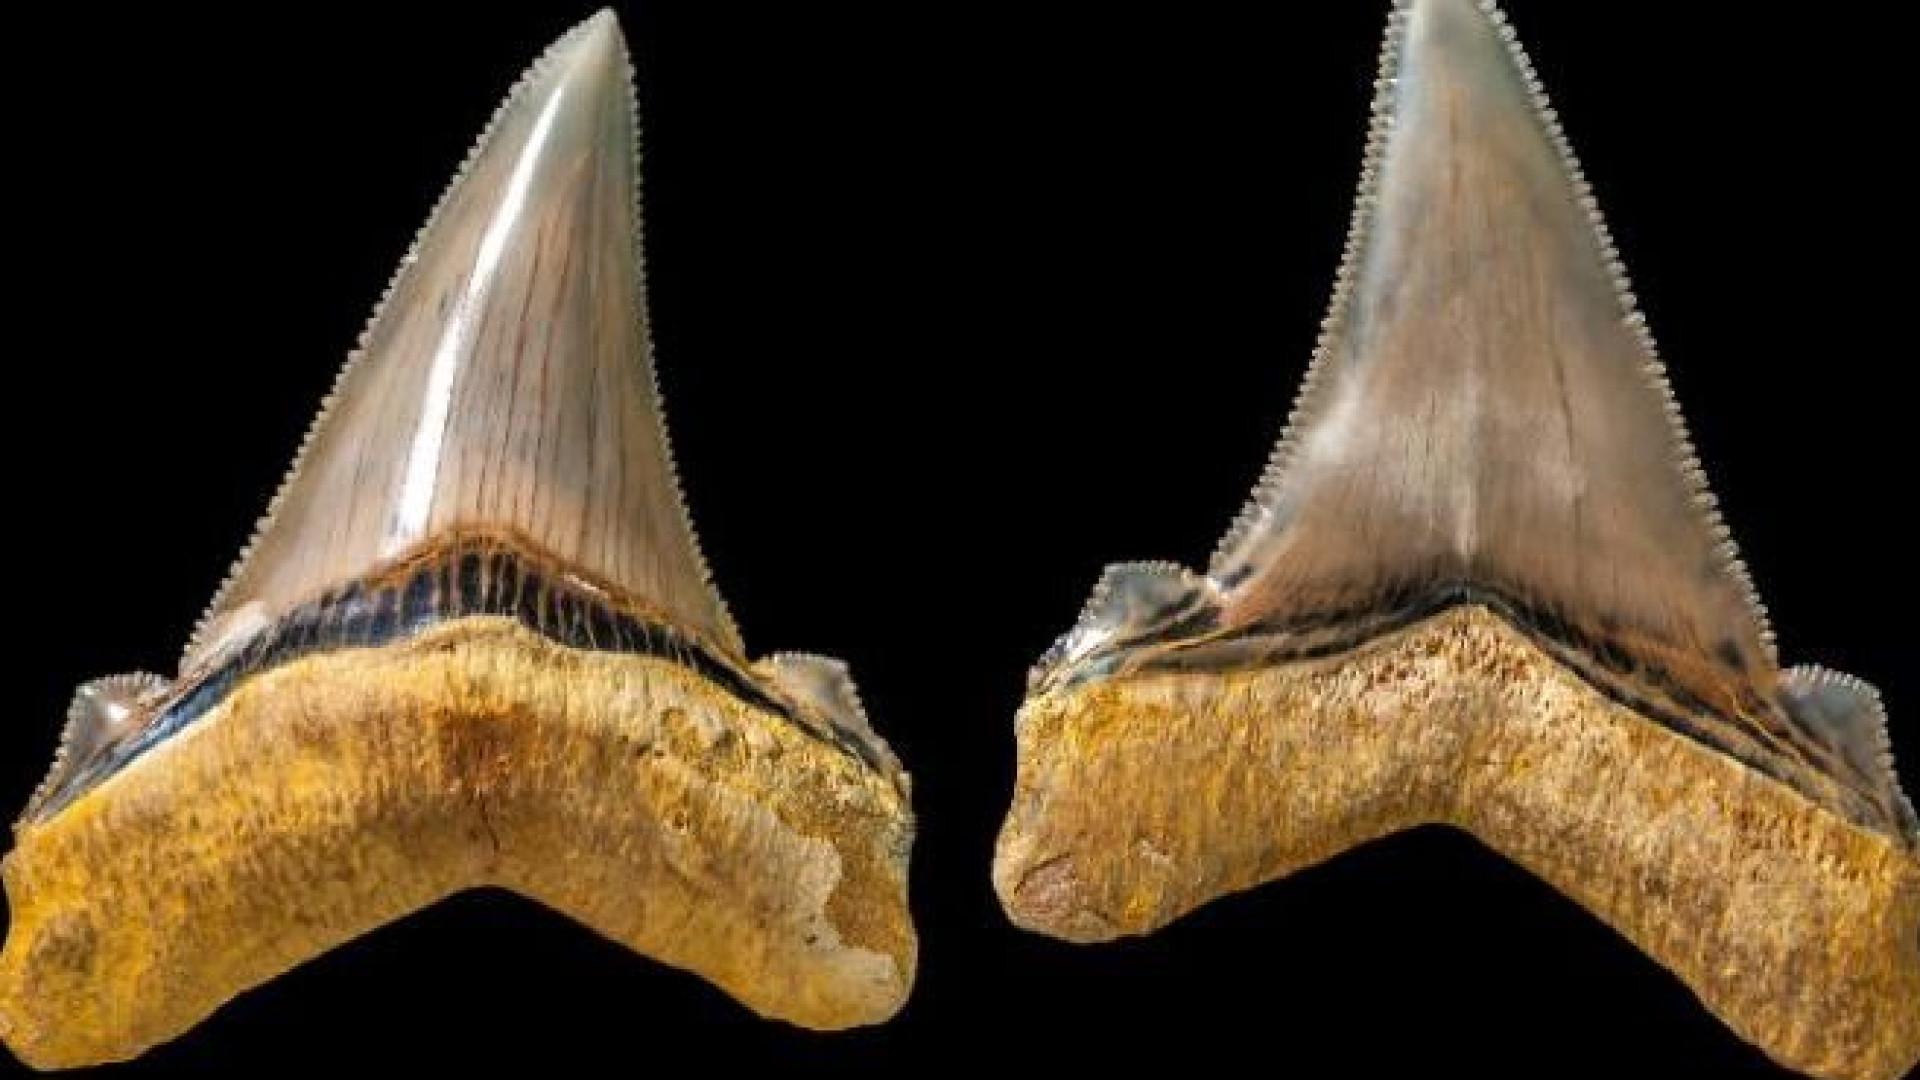 Homem descobre dentes de tubarão com 25 milhões de anos na Austrália